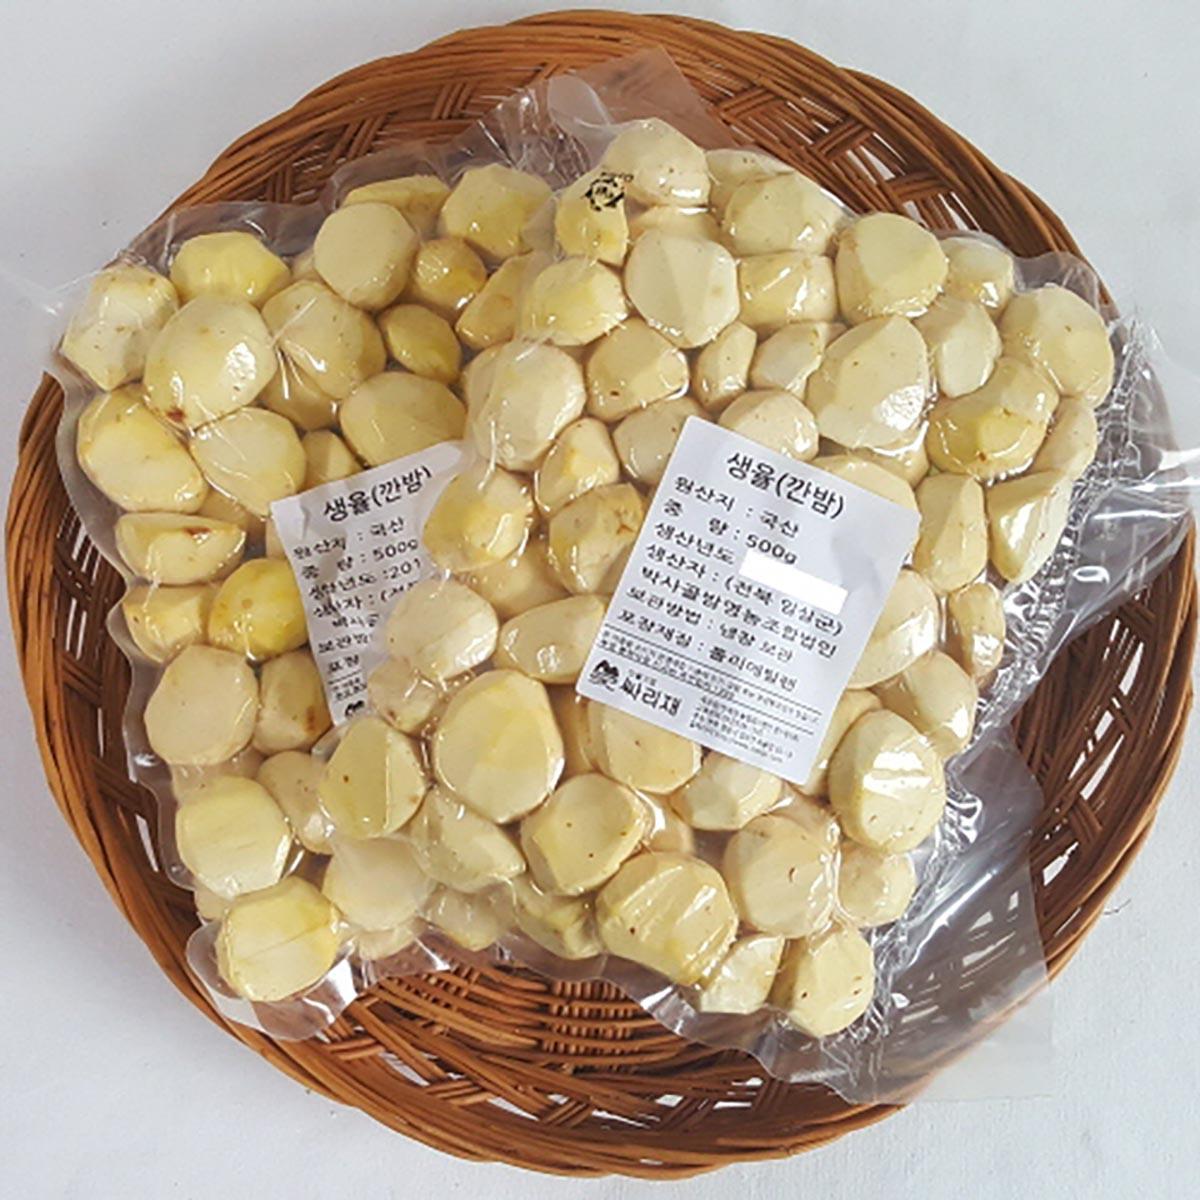 무농약 생율(깐밤)을 접시 위에 놀려 놓은 모습, 노오란 색깔이 먹음직스러움